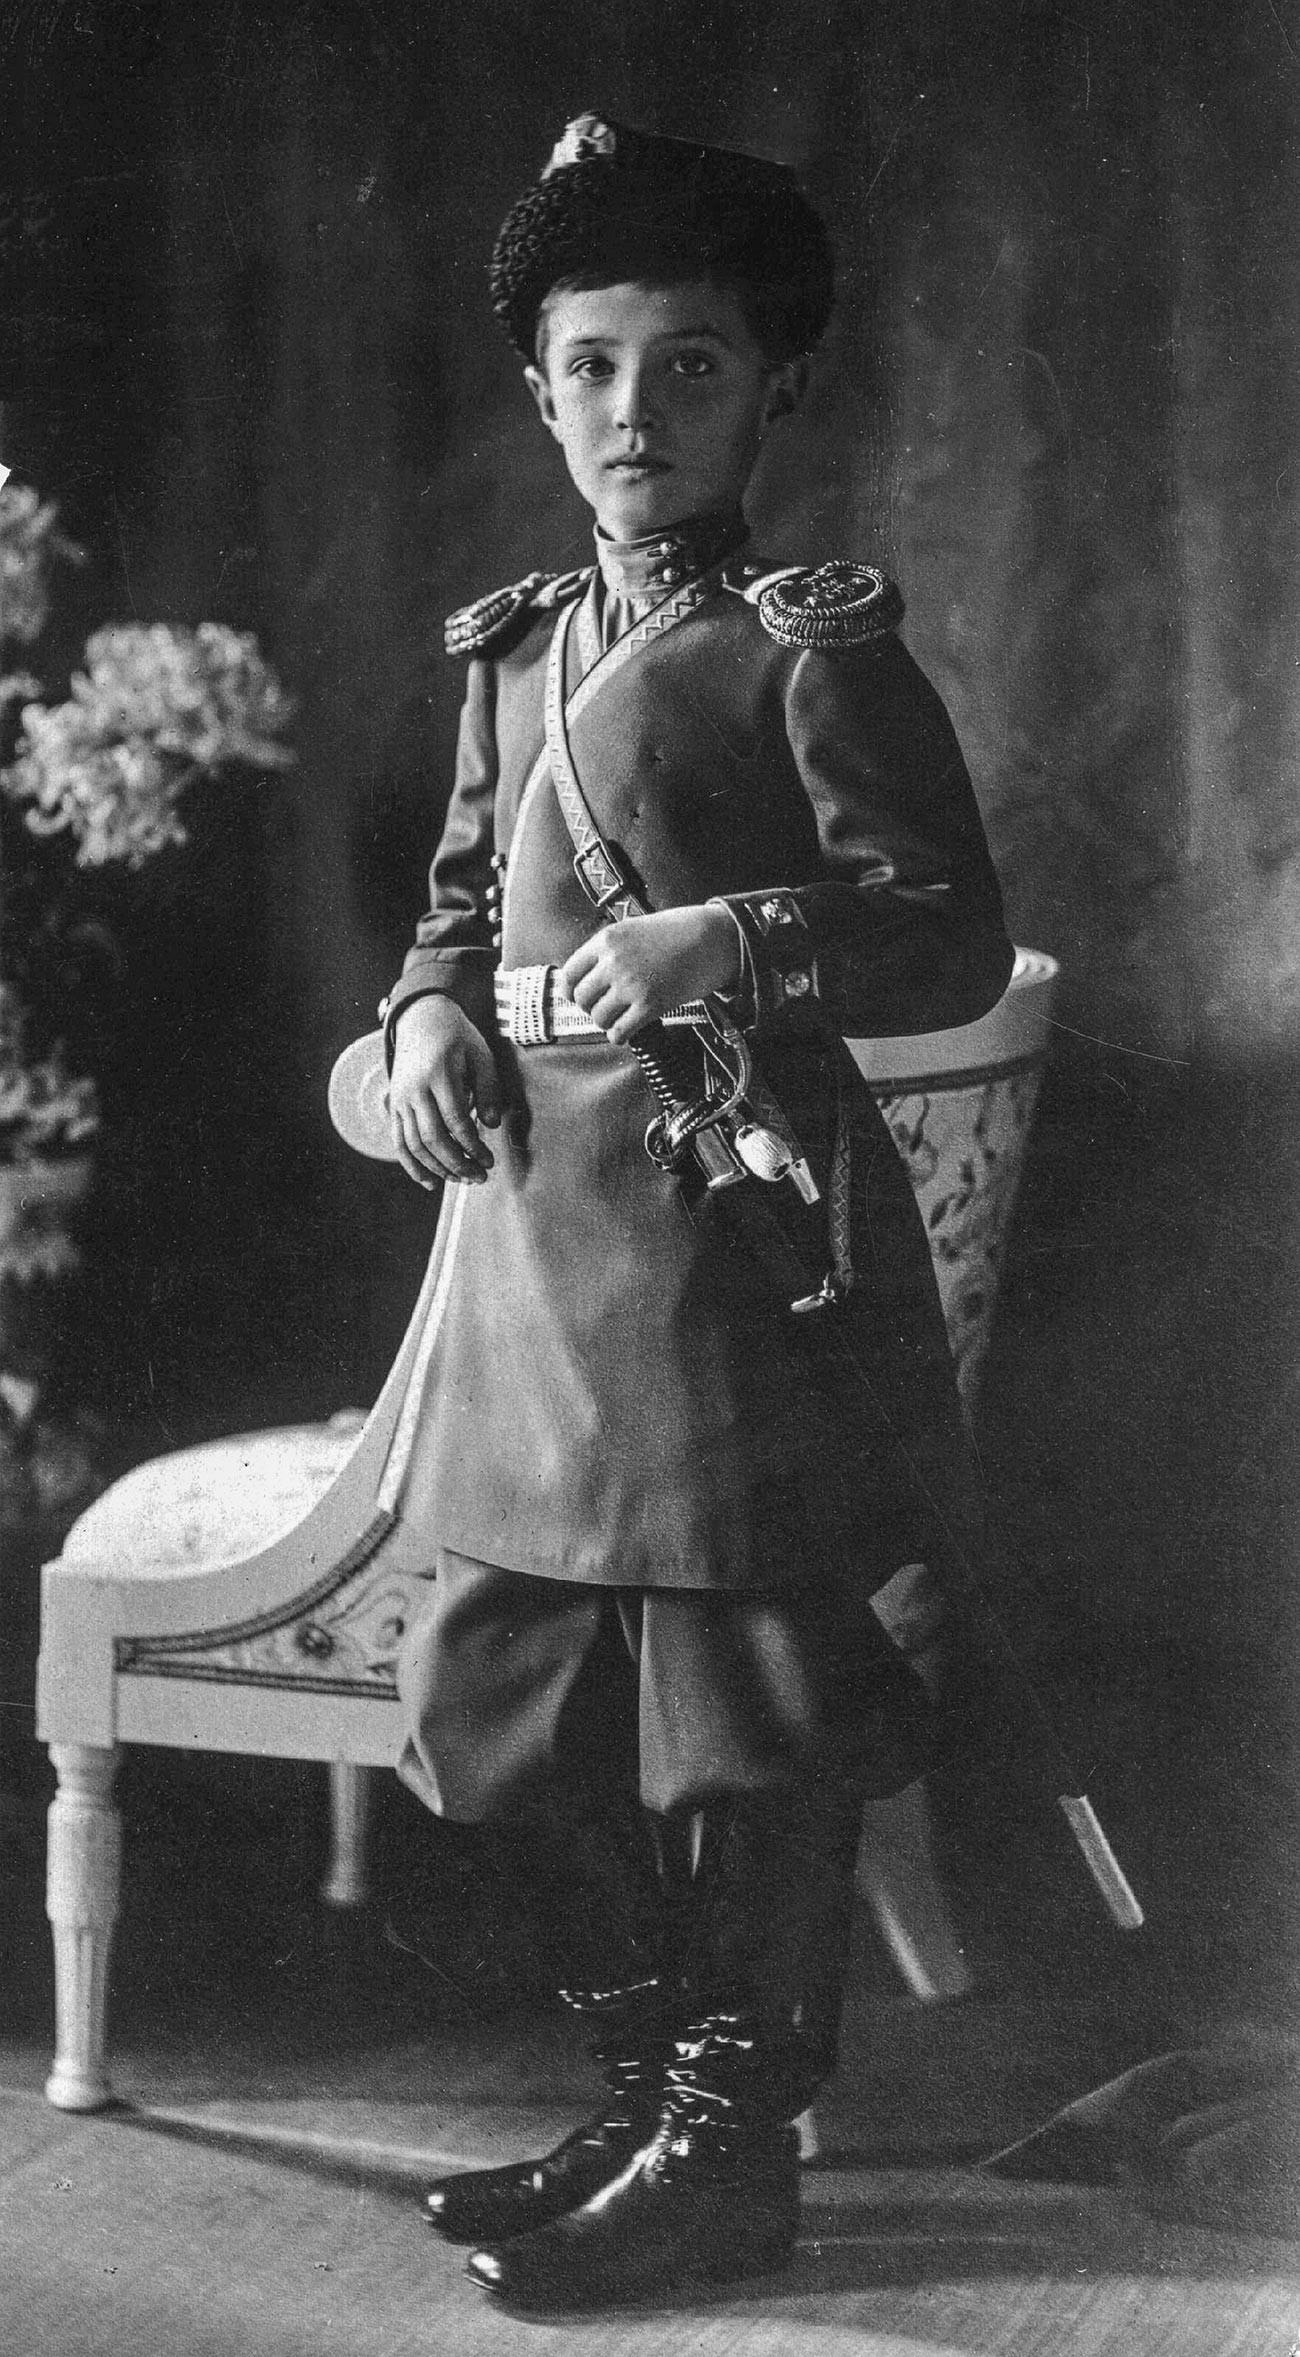 Tsarévitch Alexeï